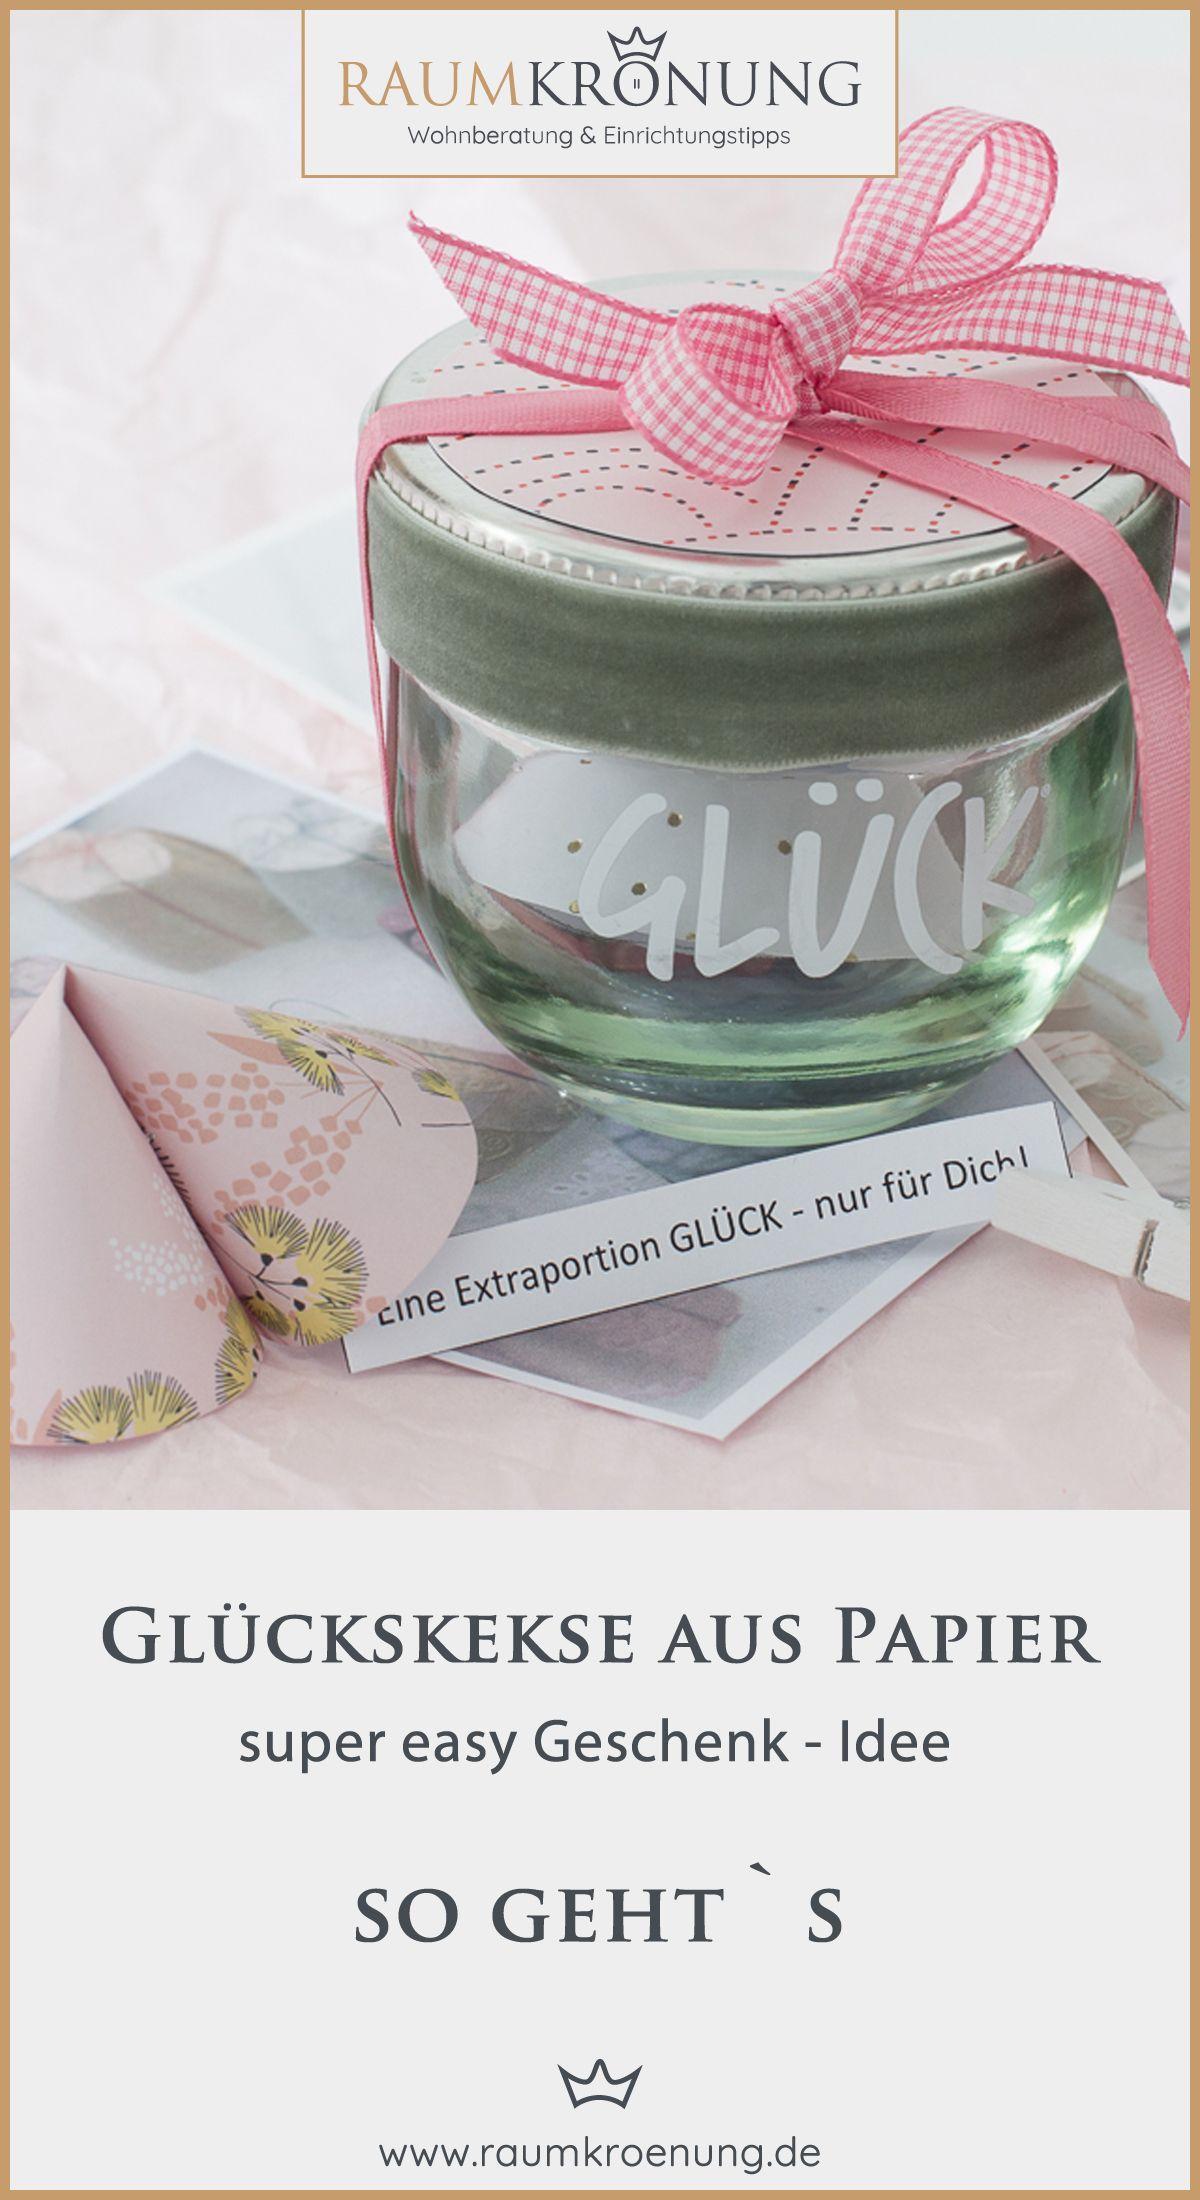 Schnelle Geschenkidee oder Tischdeko zur Hochzeit: Glückskekse aus Papier basteln   Raumkrönung - Wohnberatung & Einrichtungstipps